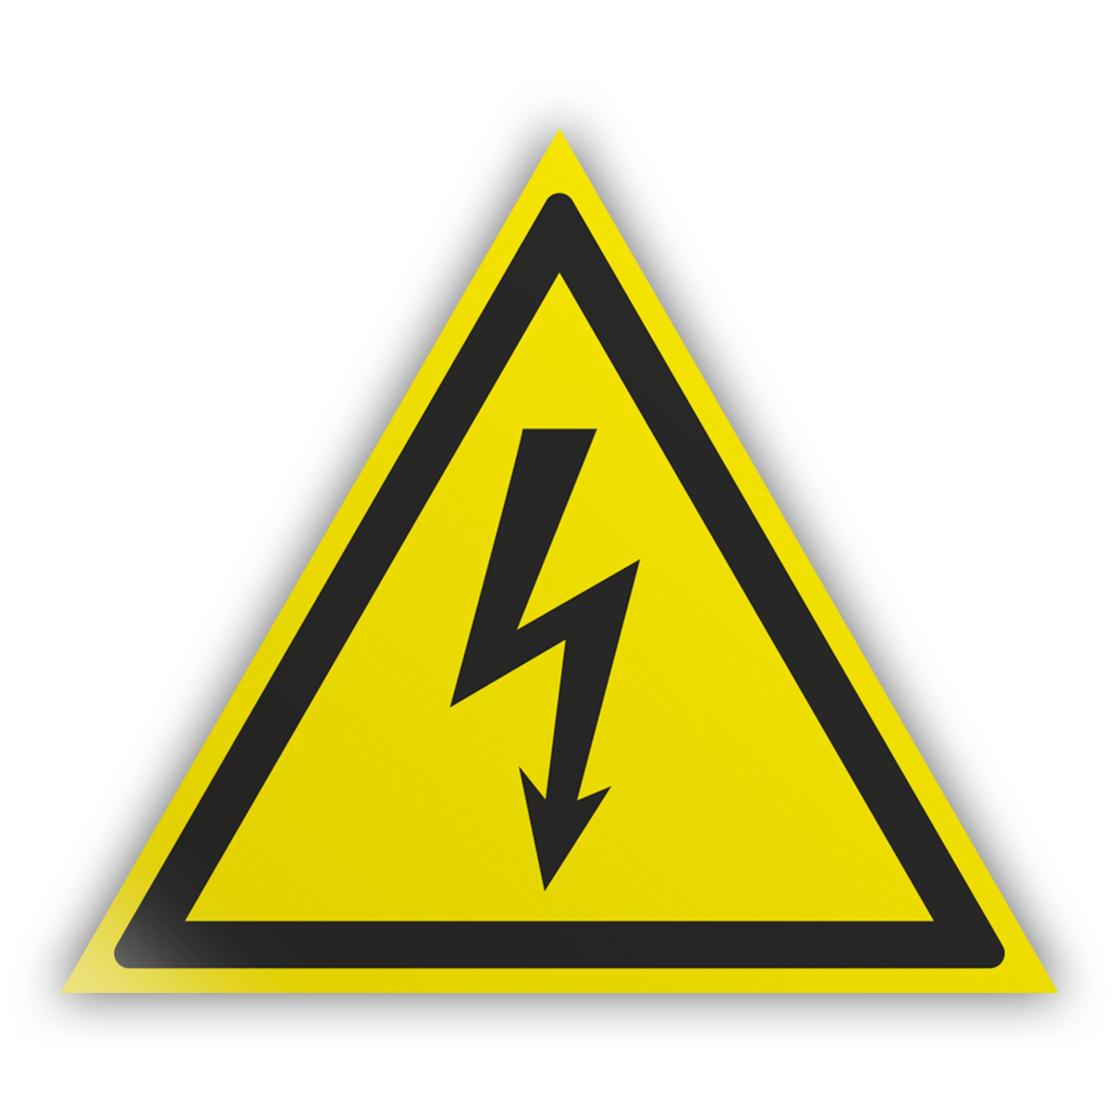 Знак на пленке W08 «Внимание! опасность поражения электрическим током» (самоклеящаяся наклейка, сторона 100 мм)